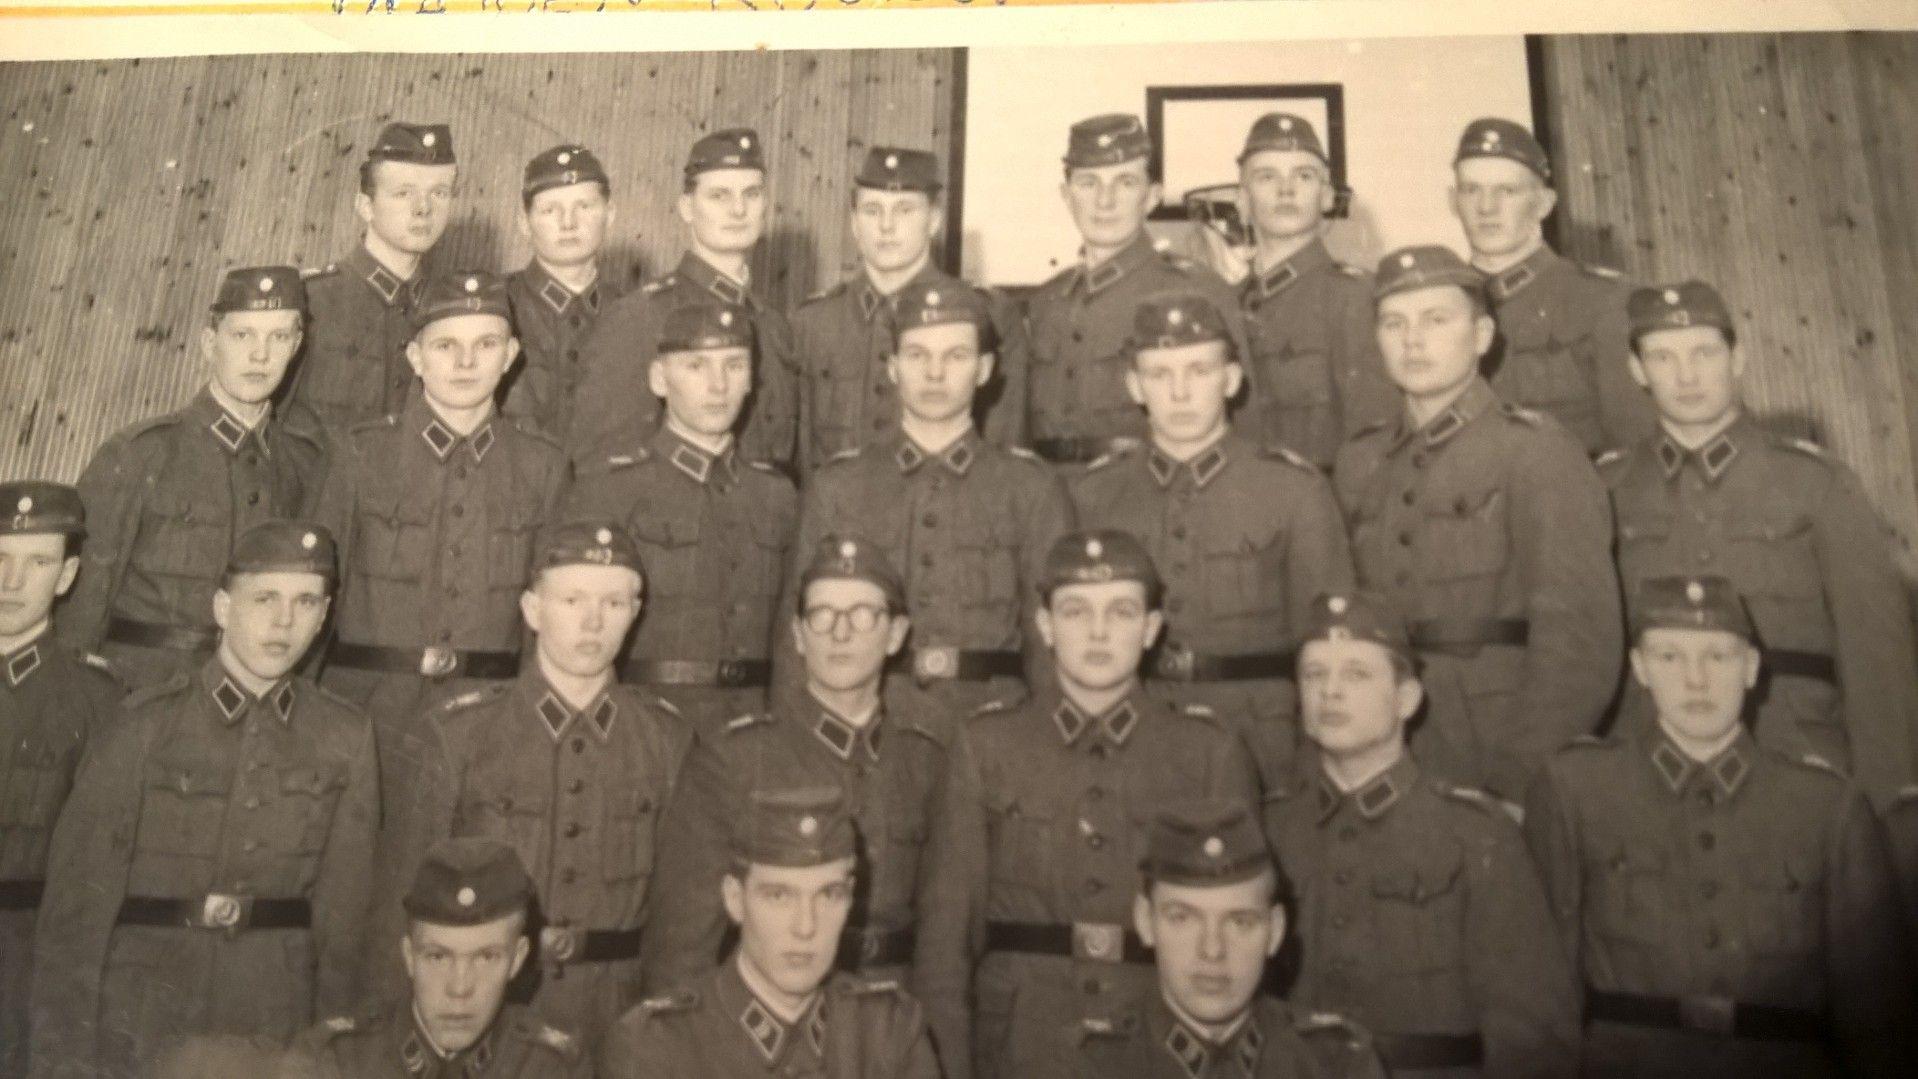 Isäni armeijassa, Haminan jääkärikomppaniassa, 1960